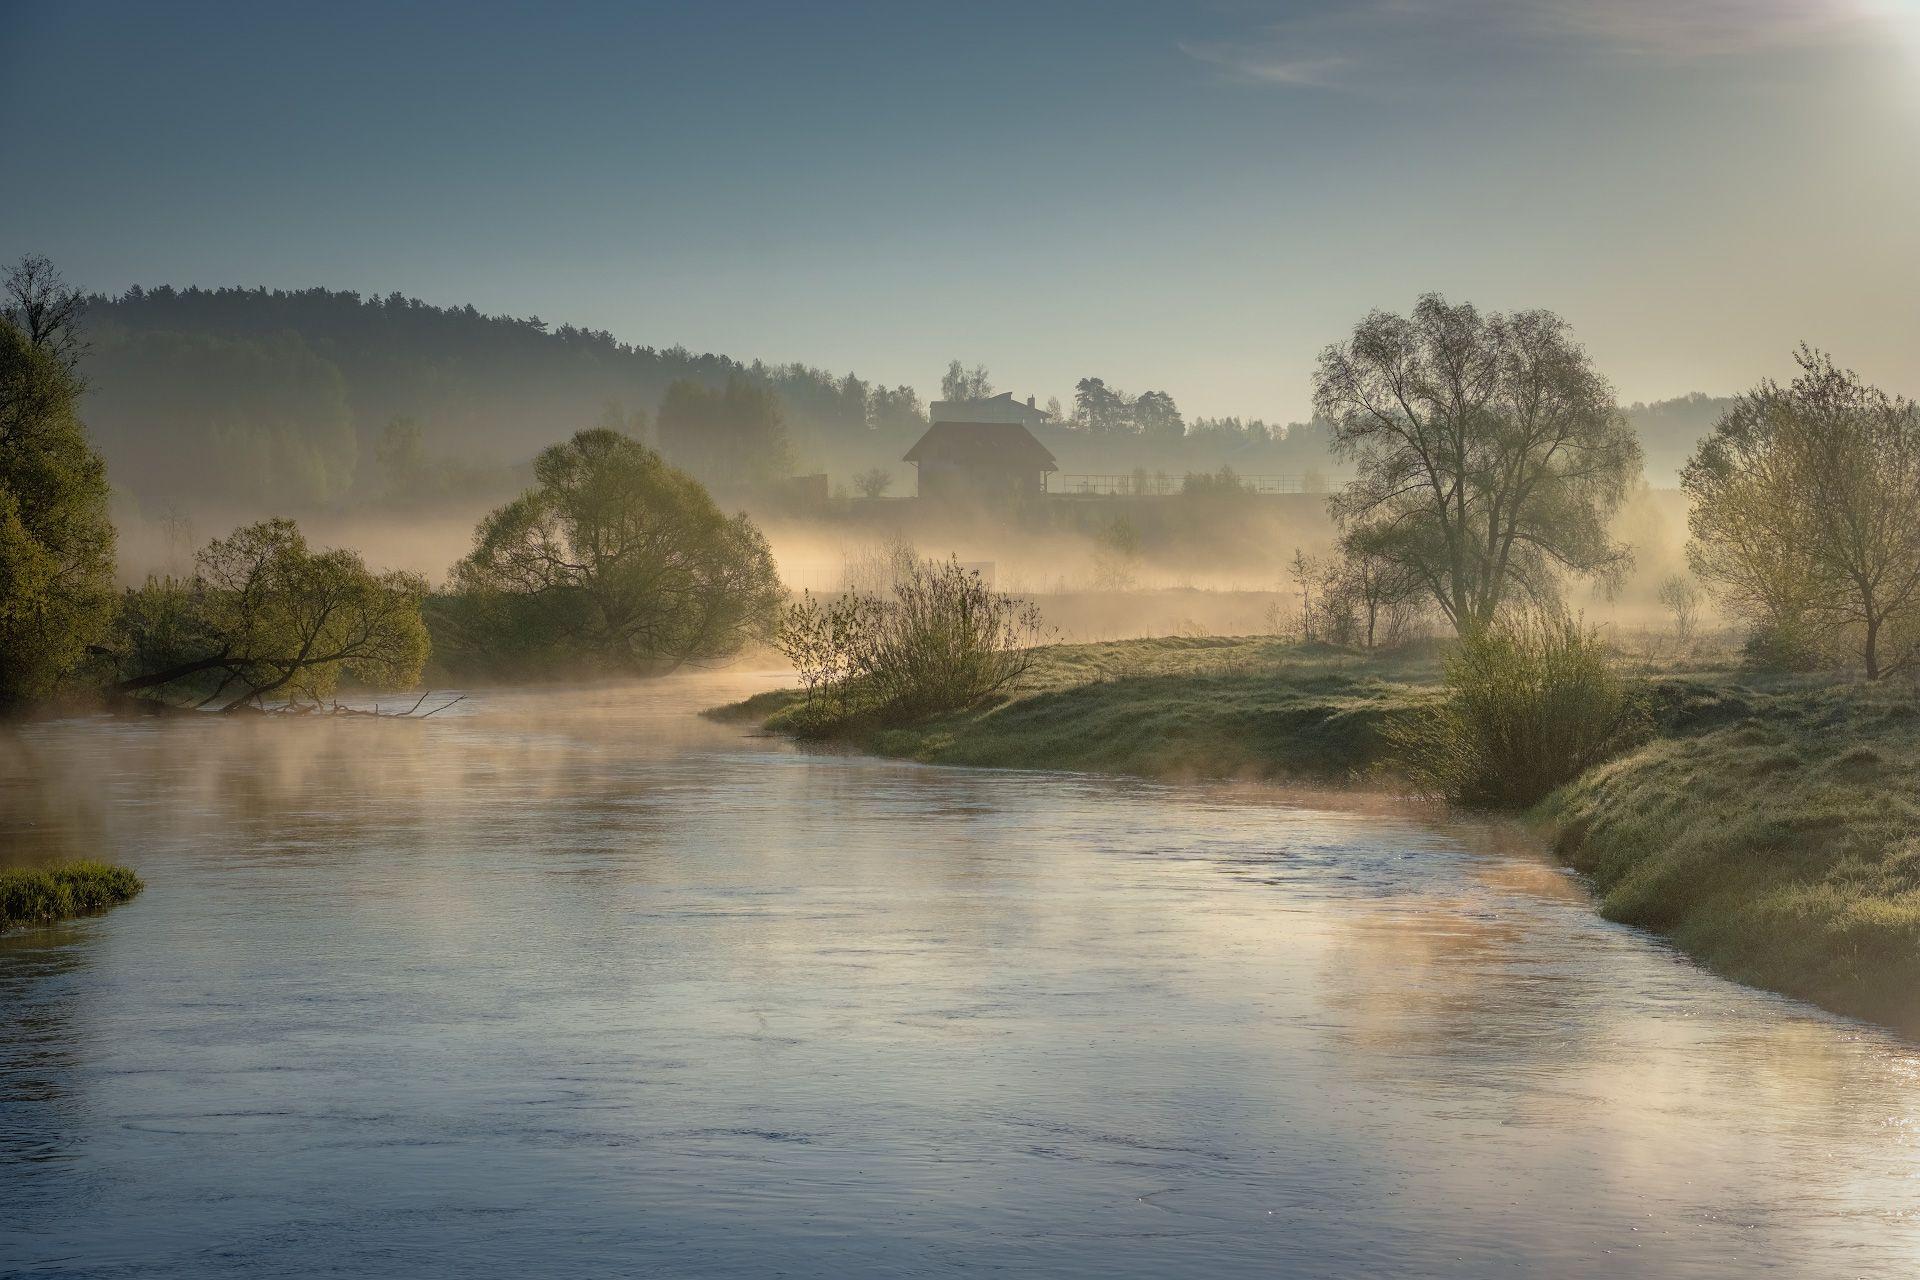 река, истра, утро, деревья, дома, зелень, поток, рассвет, вода, пейзаж, Чиж Андрей